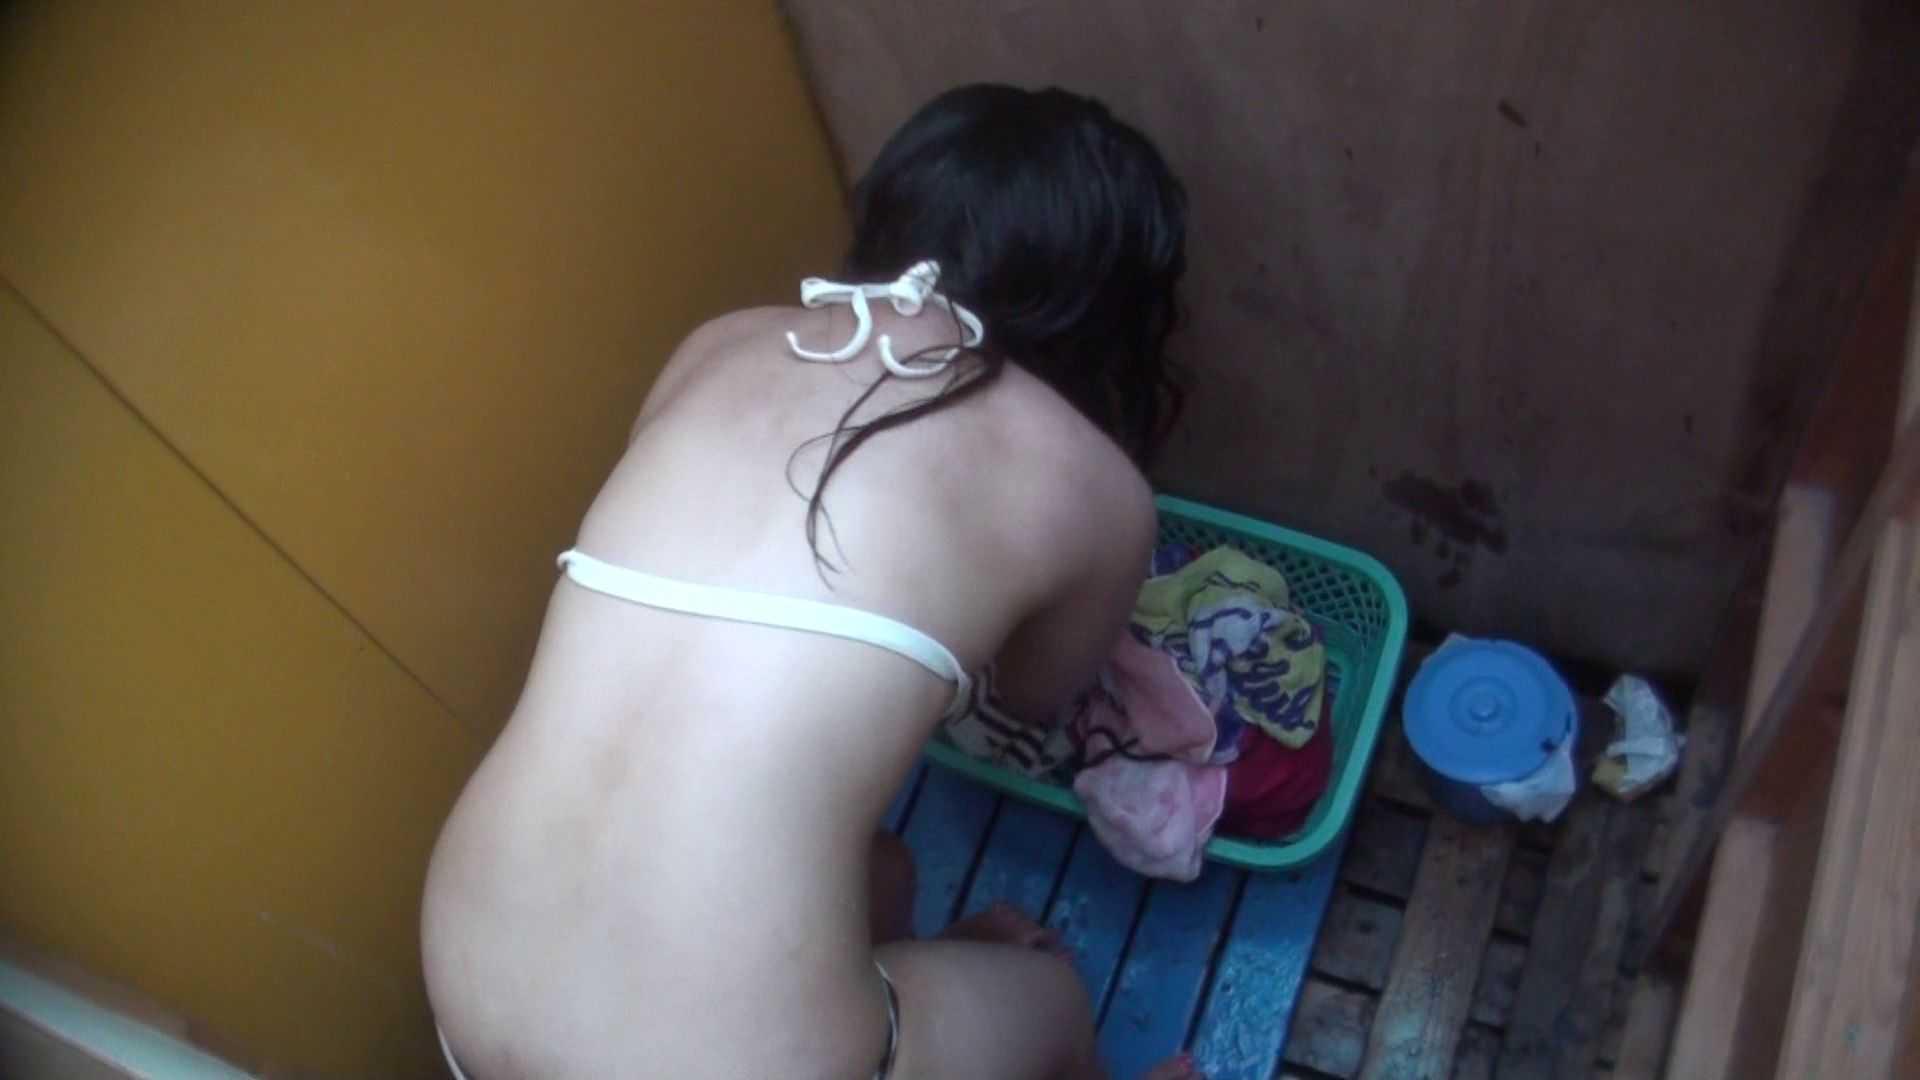 シャワールームは超!!危険な香りVol.13 ムッチムチのいやらしい身体つき シャワー  111pic 47